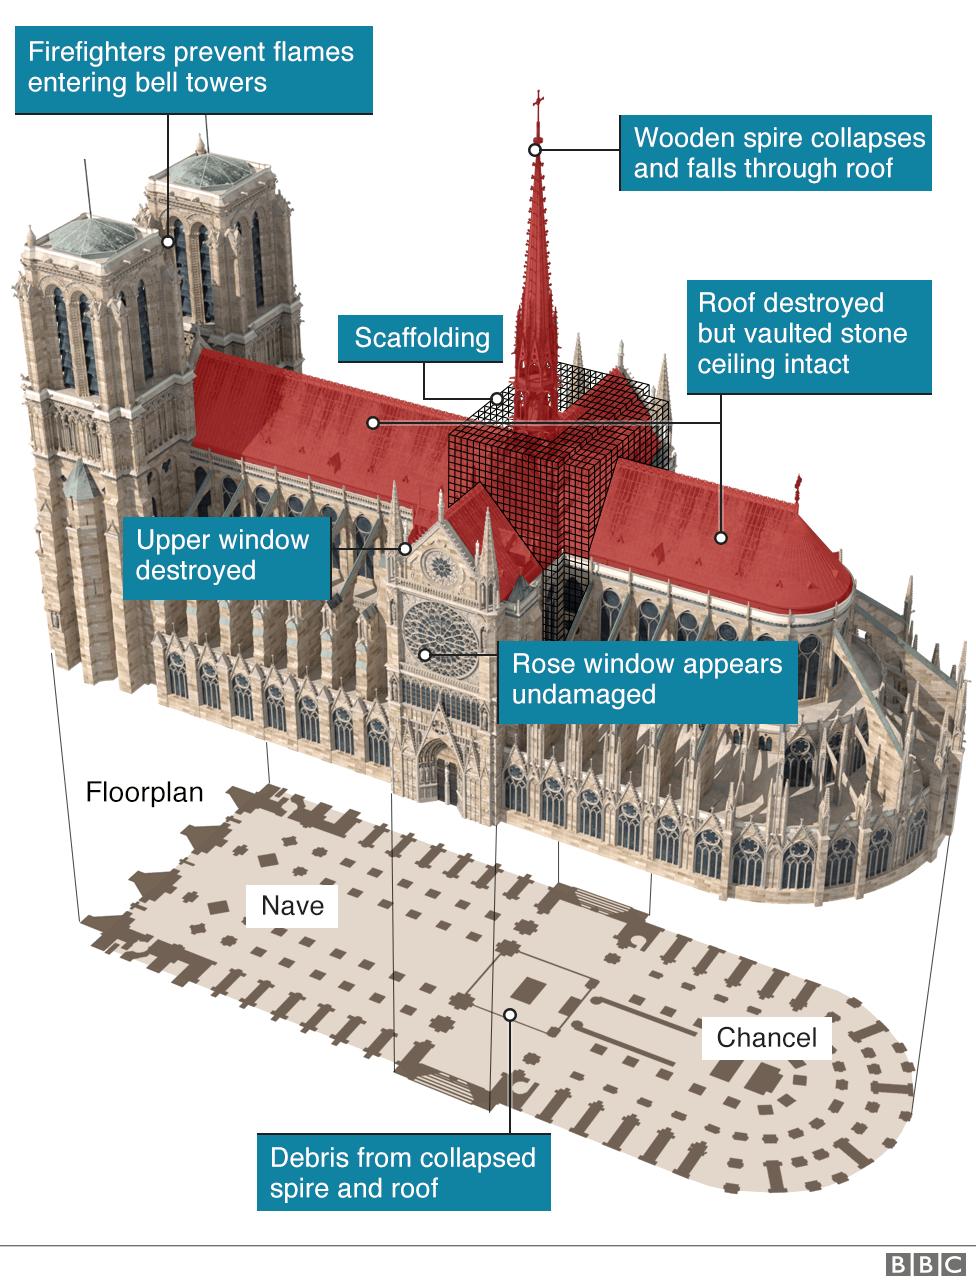 Gambar 3D memperlihatkan bagian atap dan menara yang telah hancur dilalap kobaran api